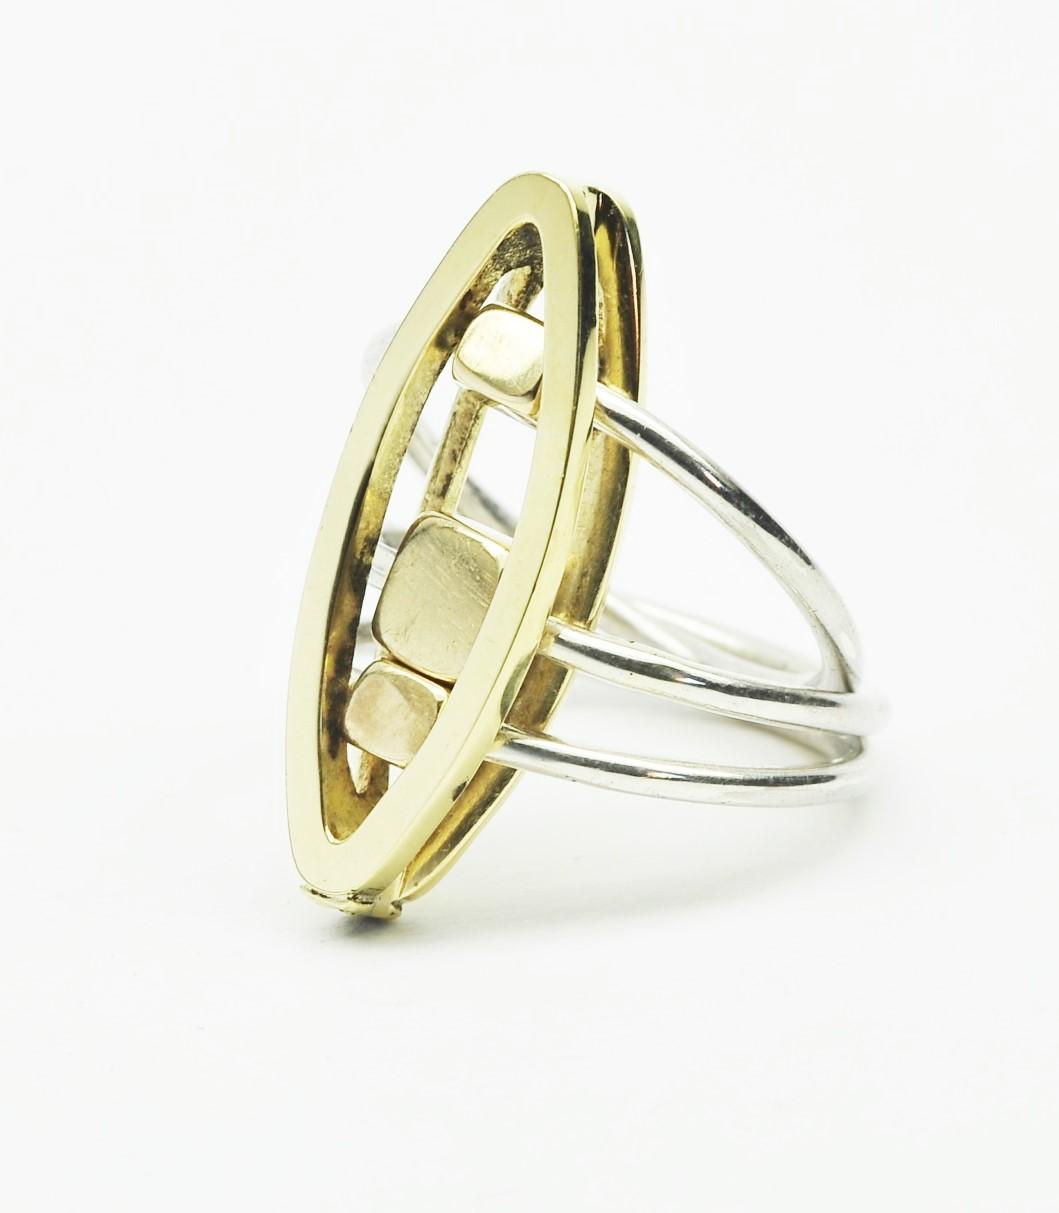 Anello modulare ovale